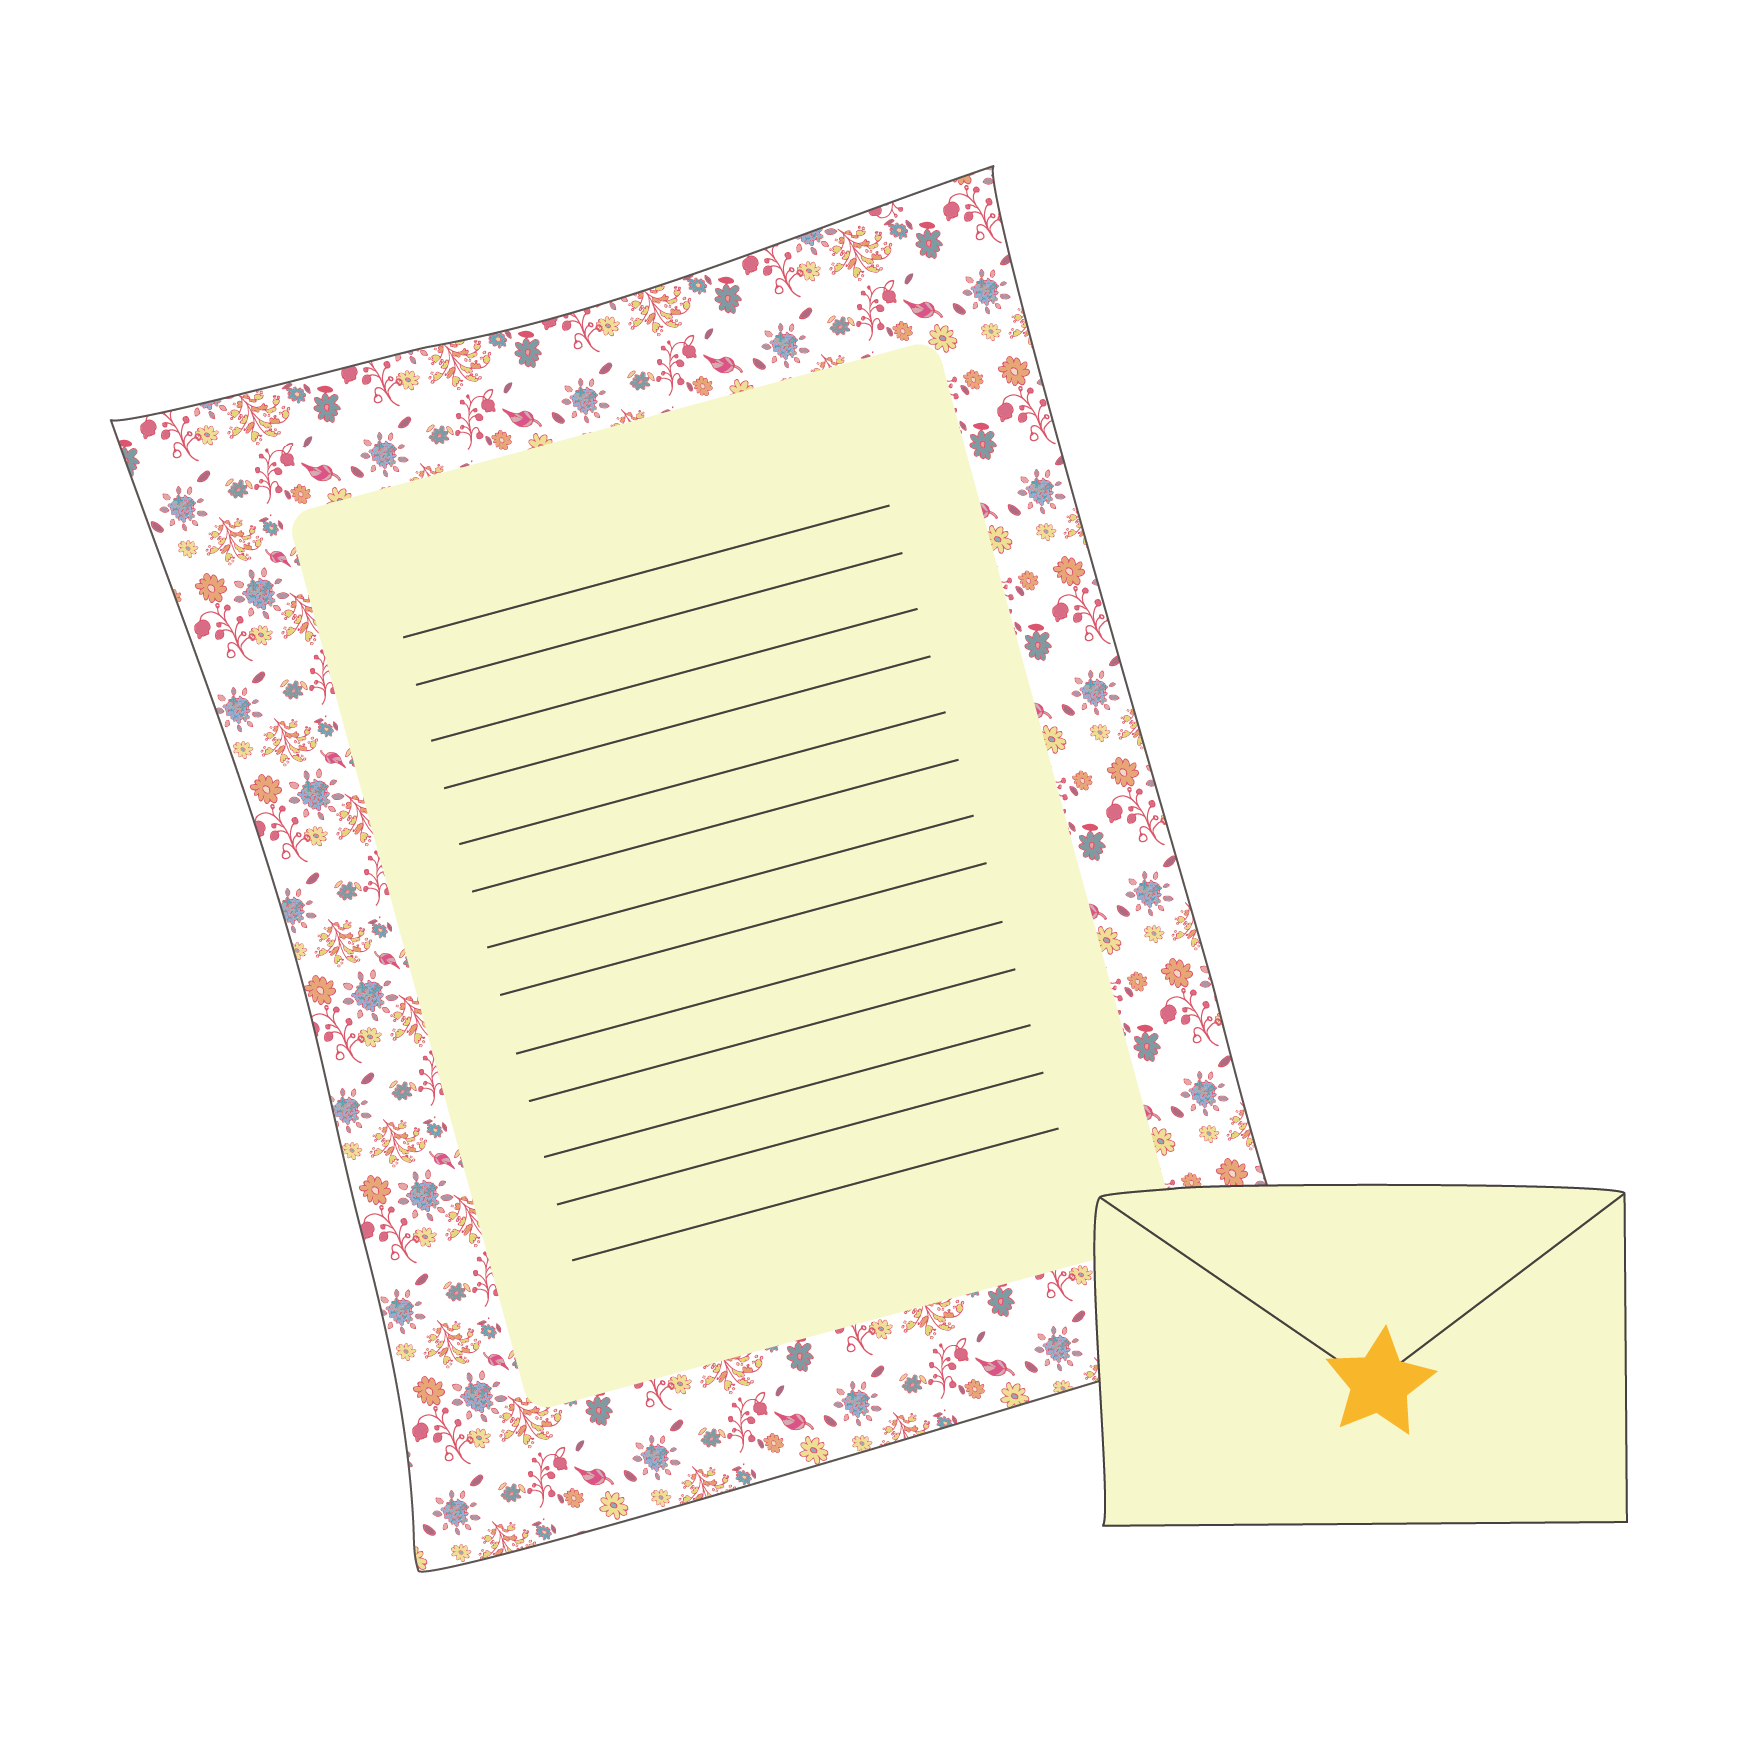 手紙を書こうレターセット便箋封筒のイラスト 商用フリー無料